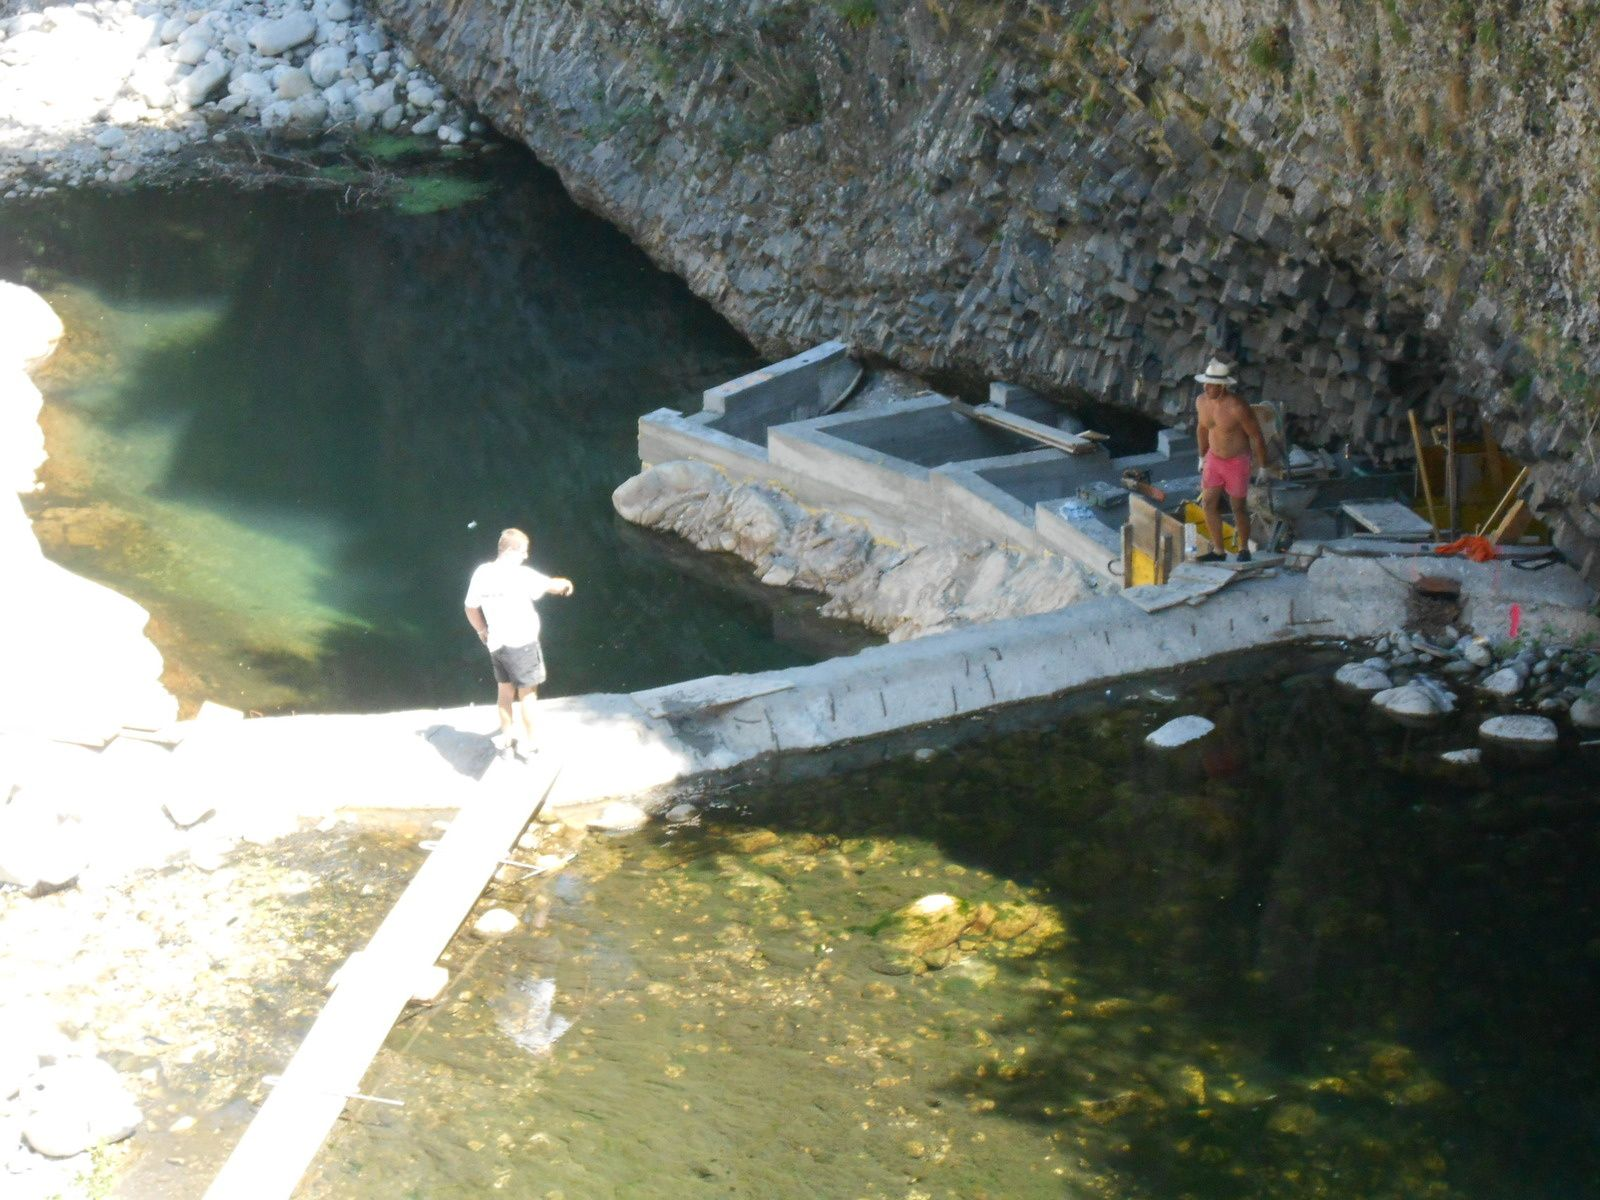 Les ouvriers sur la passe à poissons, ou sur le barrage, seuil à franchir par les poissons